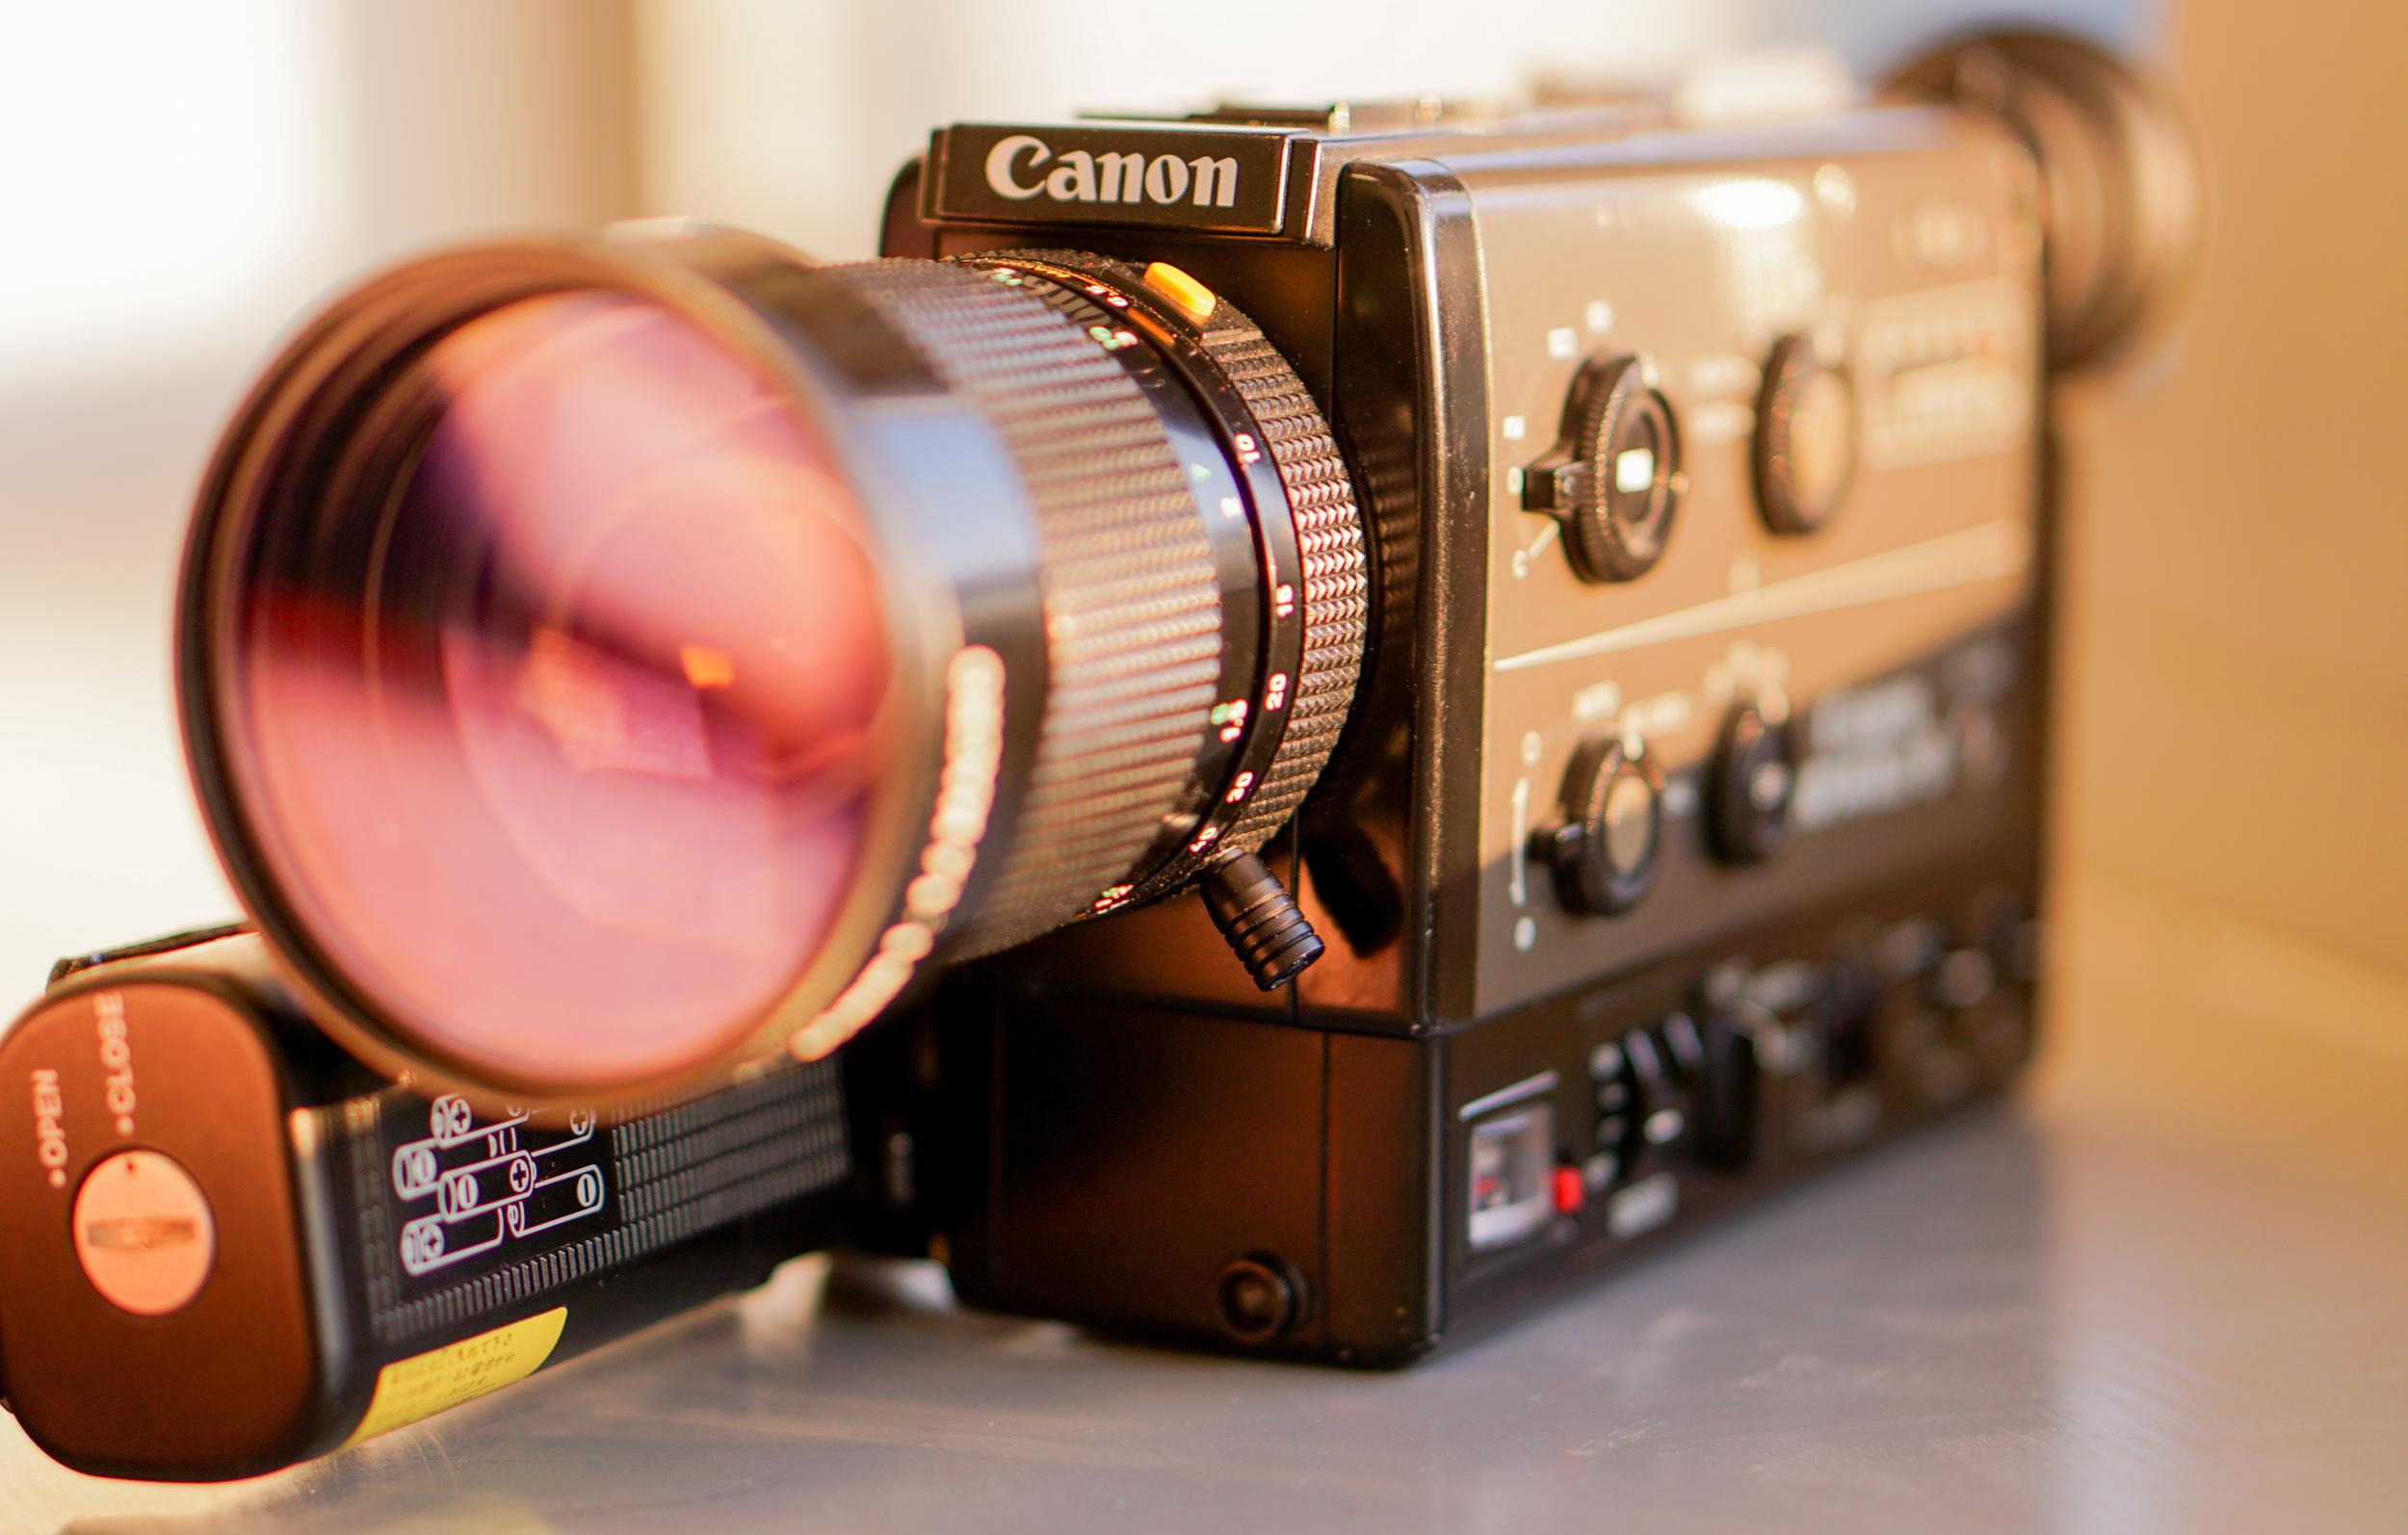 Canon Super 8 cine film camera